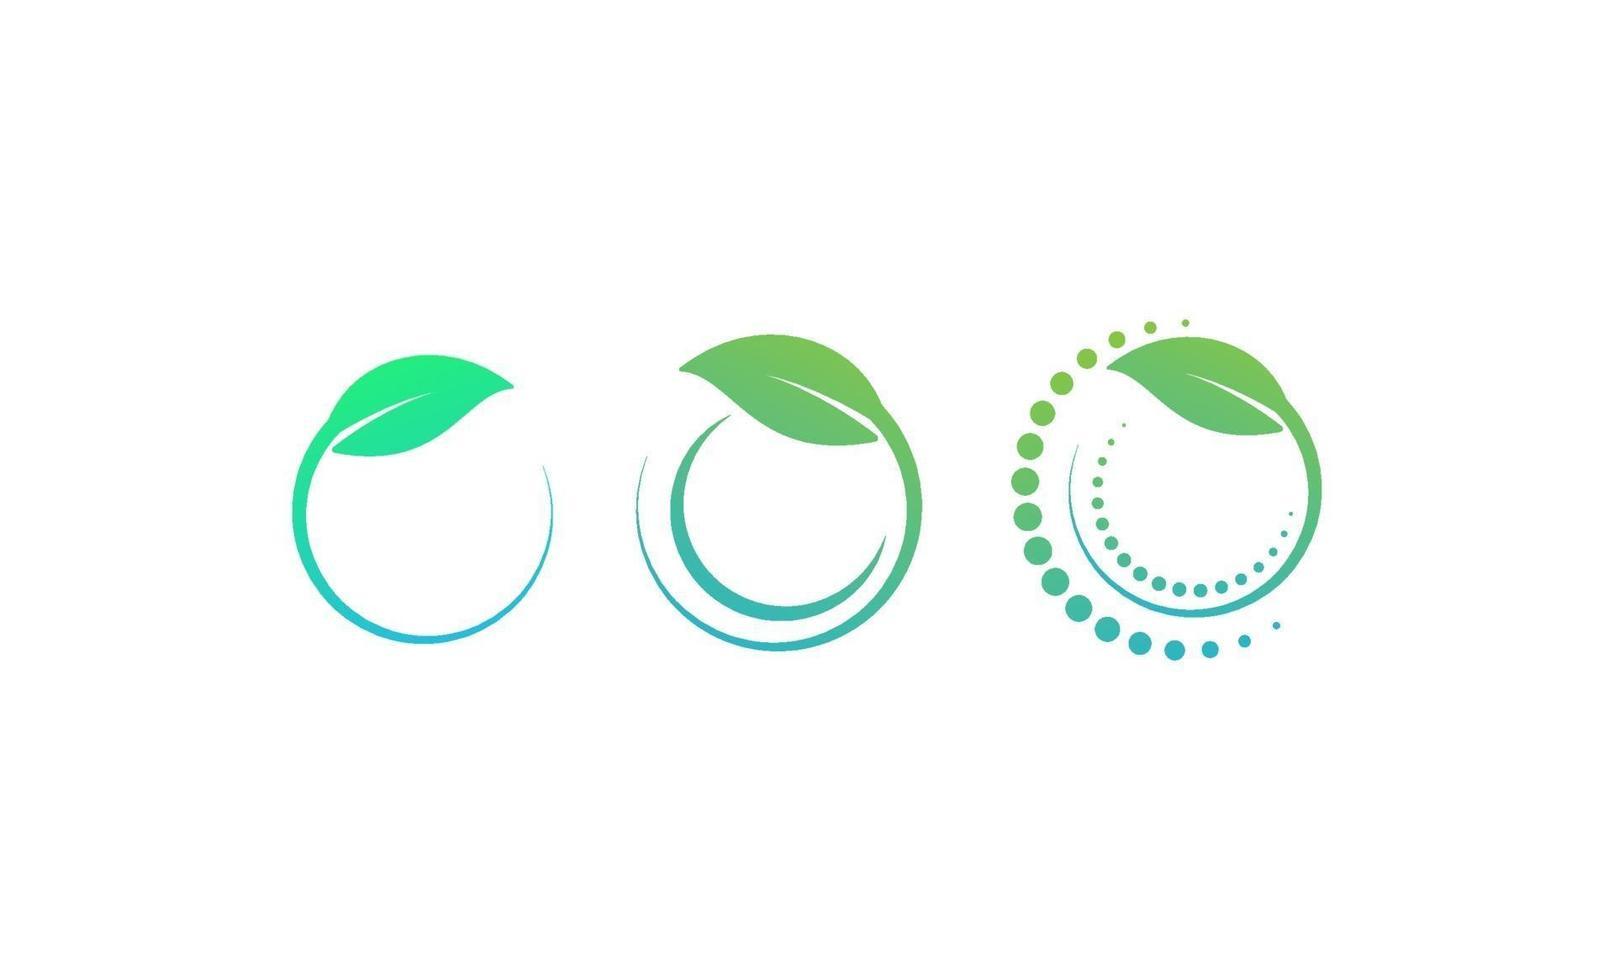 círculo hoja eco vector logo plantilla